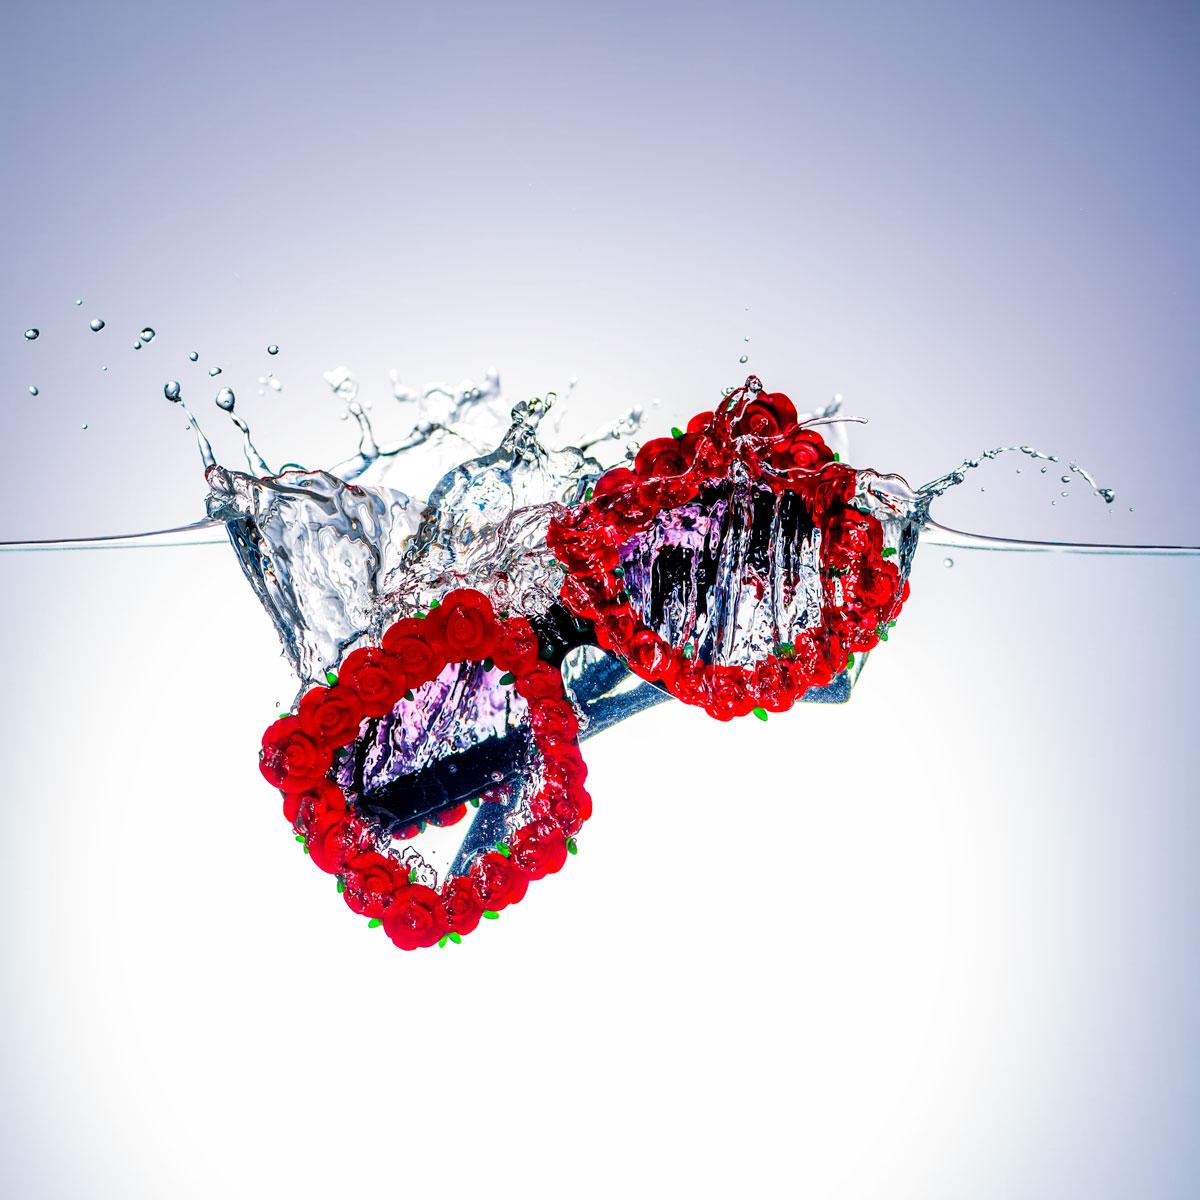 Auf Initiative von Simon haben wir 40 seiner Bilder vergrössern lassen und in unserem Schaufenster ausgestellt. Seine Idee von Brillen im «Spritzwasser» ist brillant, professionell und mit viel Sinn für's Detail umgesetzt. Aus Zusammenarbeiten wie jene mit Simon entsteht für unser Geschäft eine Plattform um auf uns aufmerksam zu machen und uns von Anderen abzuheben.  Pfistergassoptik